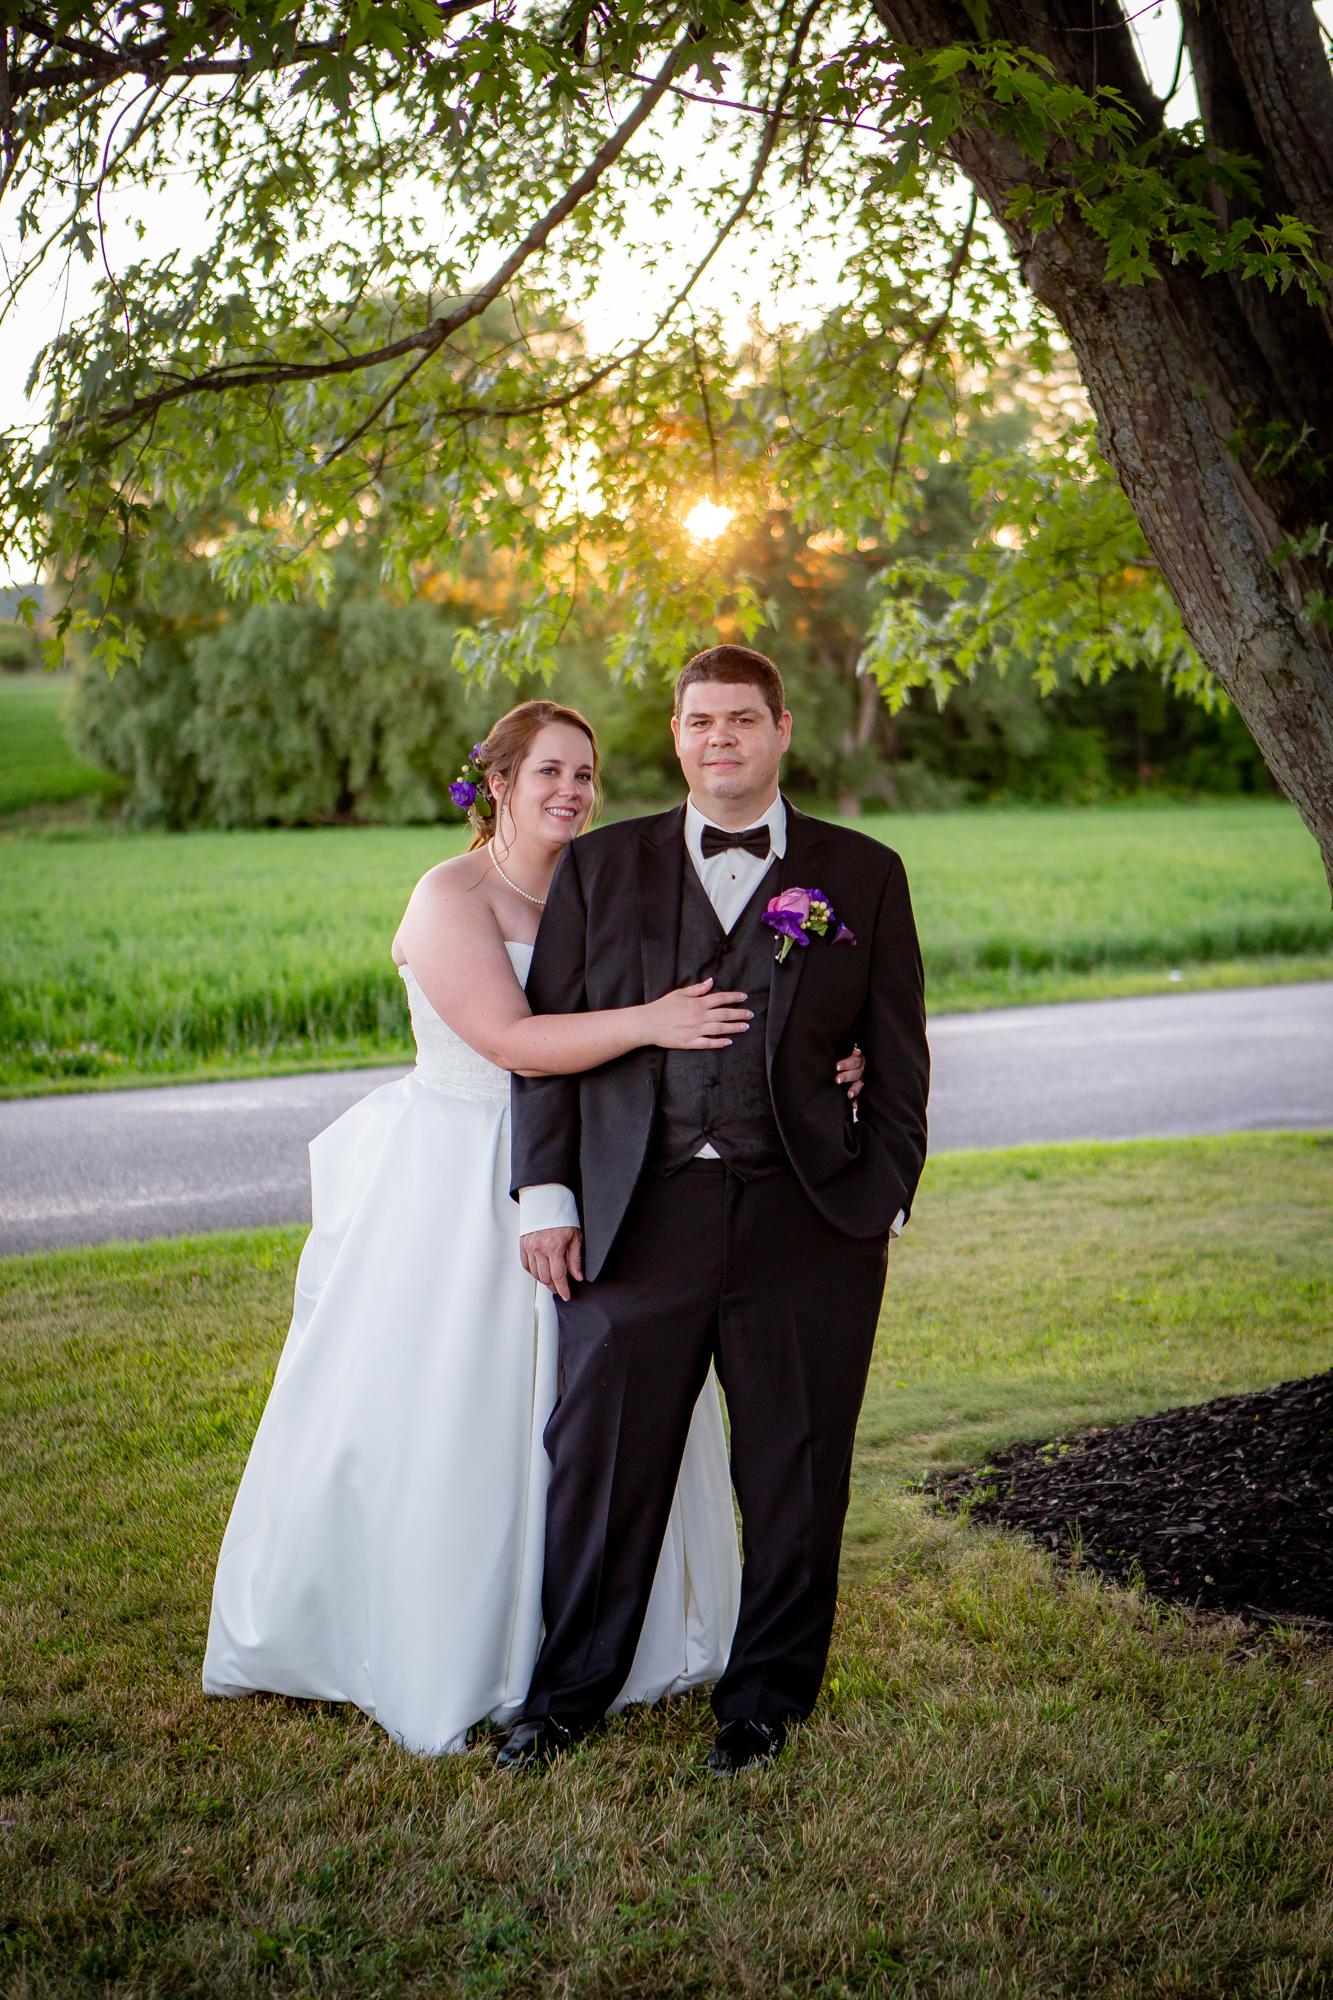 Elmira-Park-Church-Wedding-3330.jpg